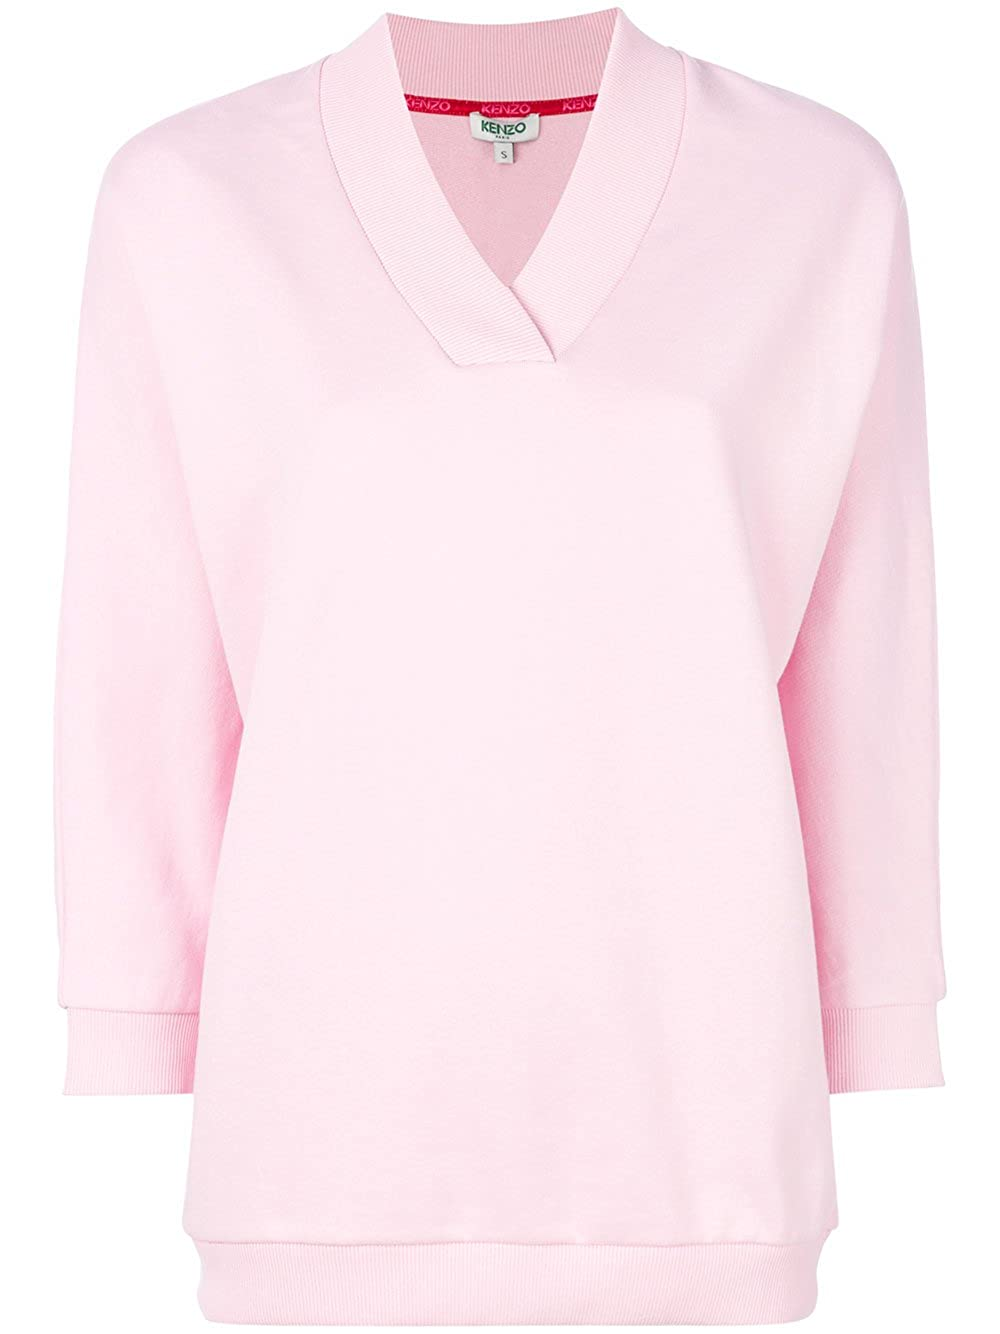 Kenzo -Chaqueta deportiva Mujer Rosa Marke Talla M: Amazon.es: Ropa y accesorios